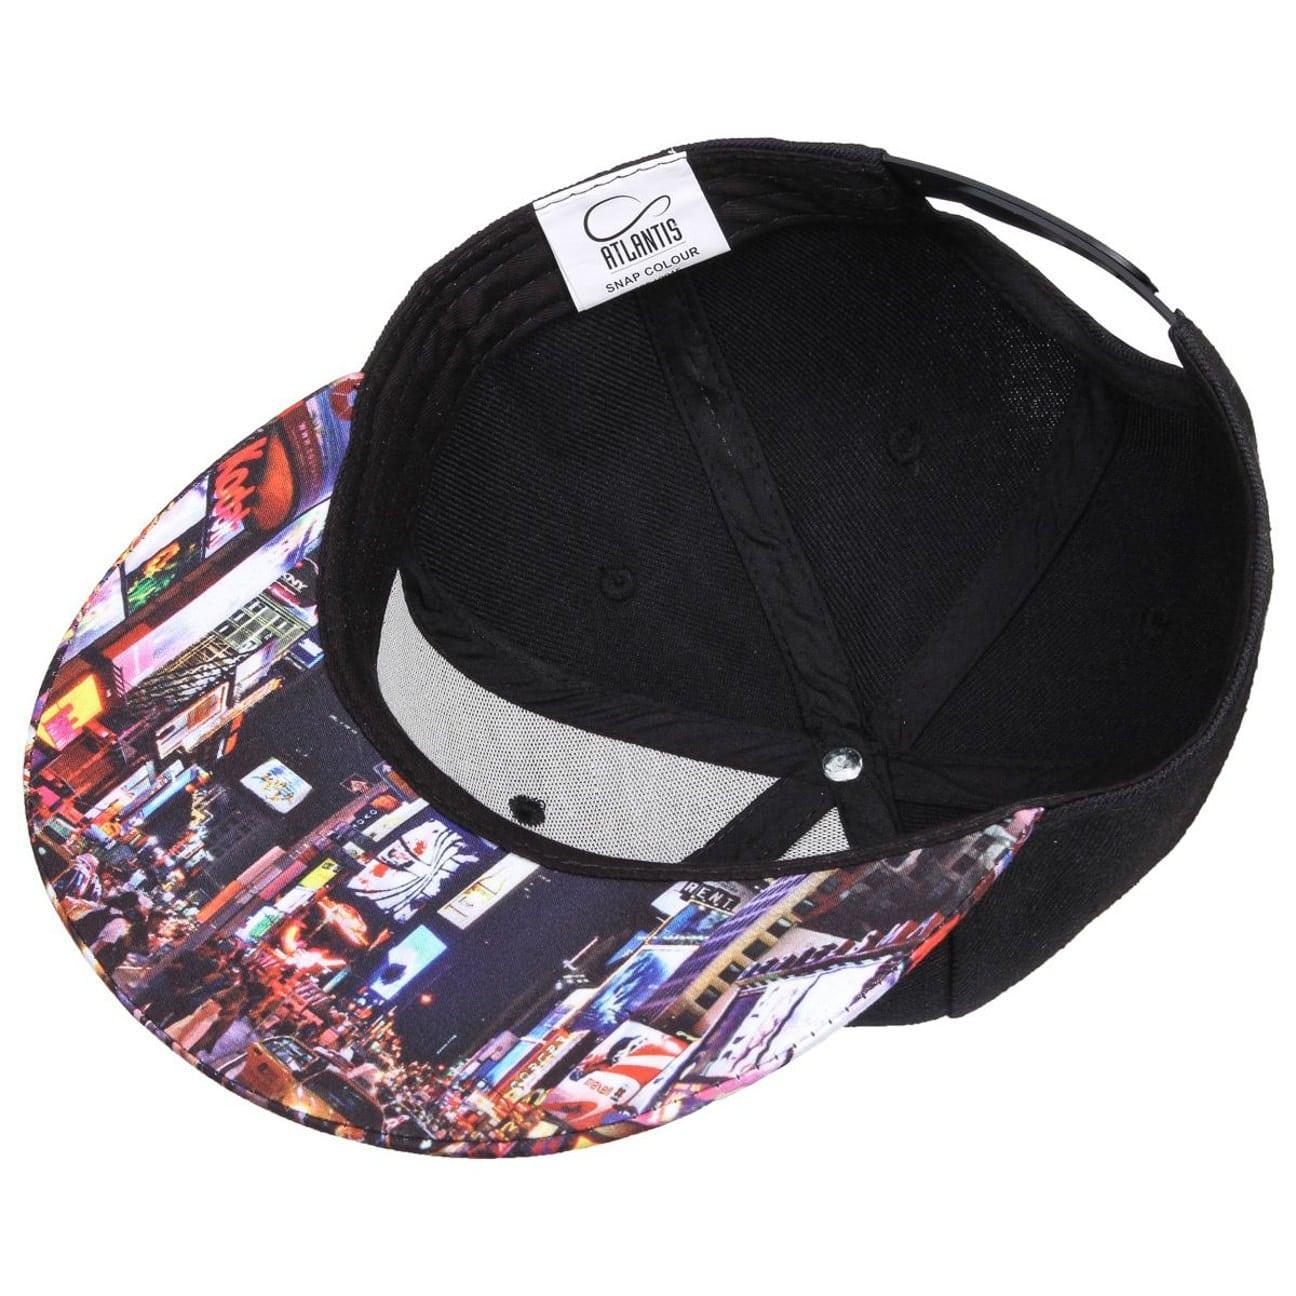 Gorra Snap New York Baseball - Gorras - sombreroshop.es 1686b1aab9c